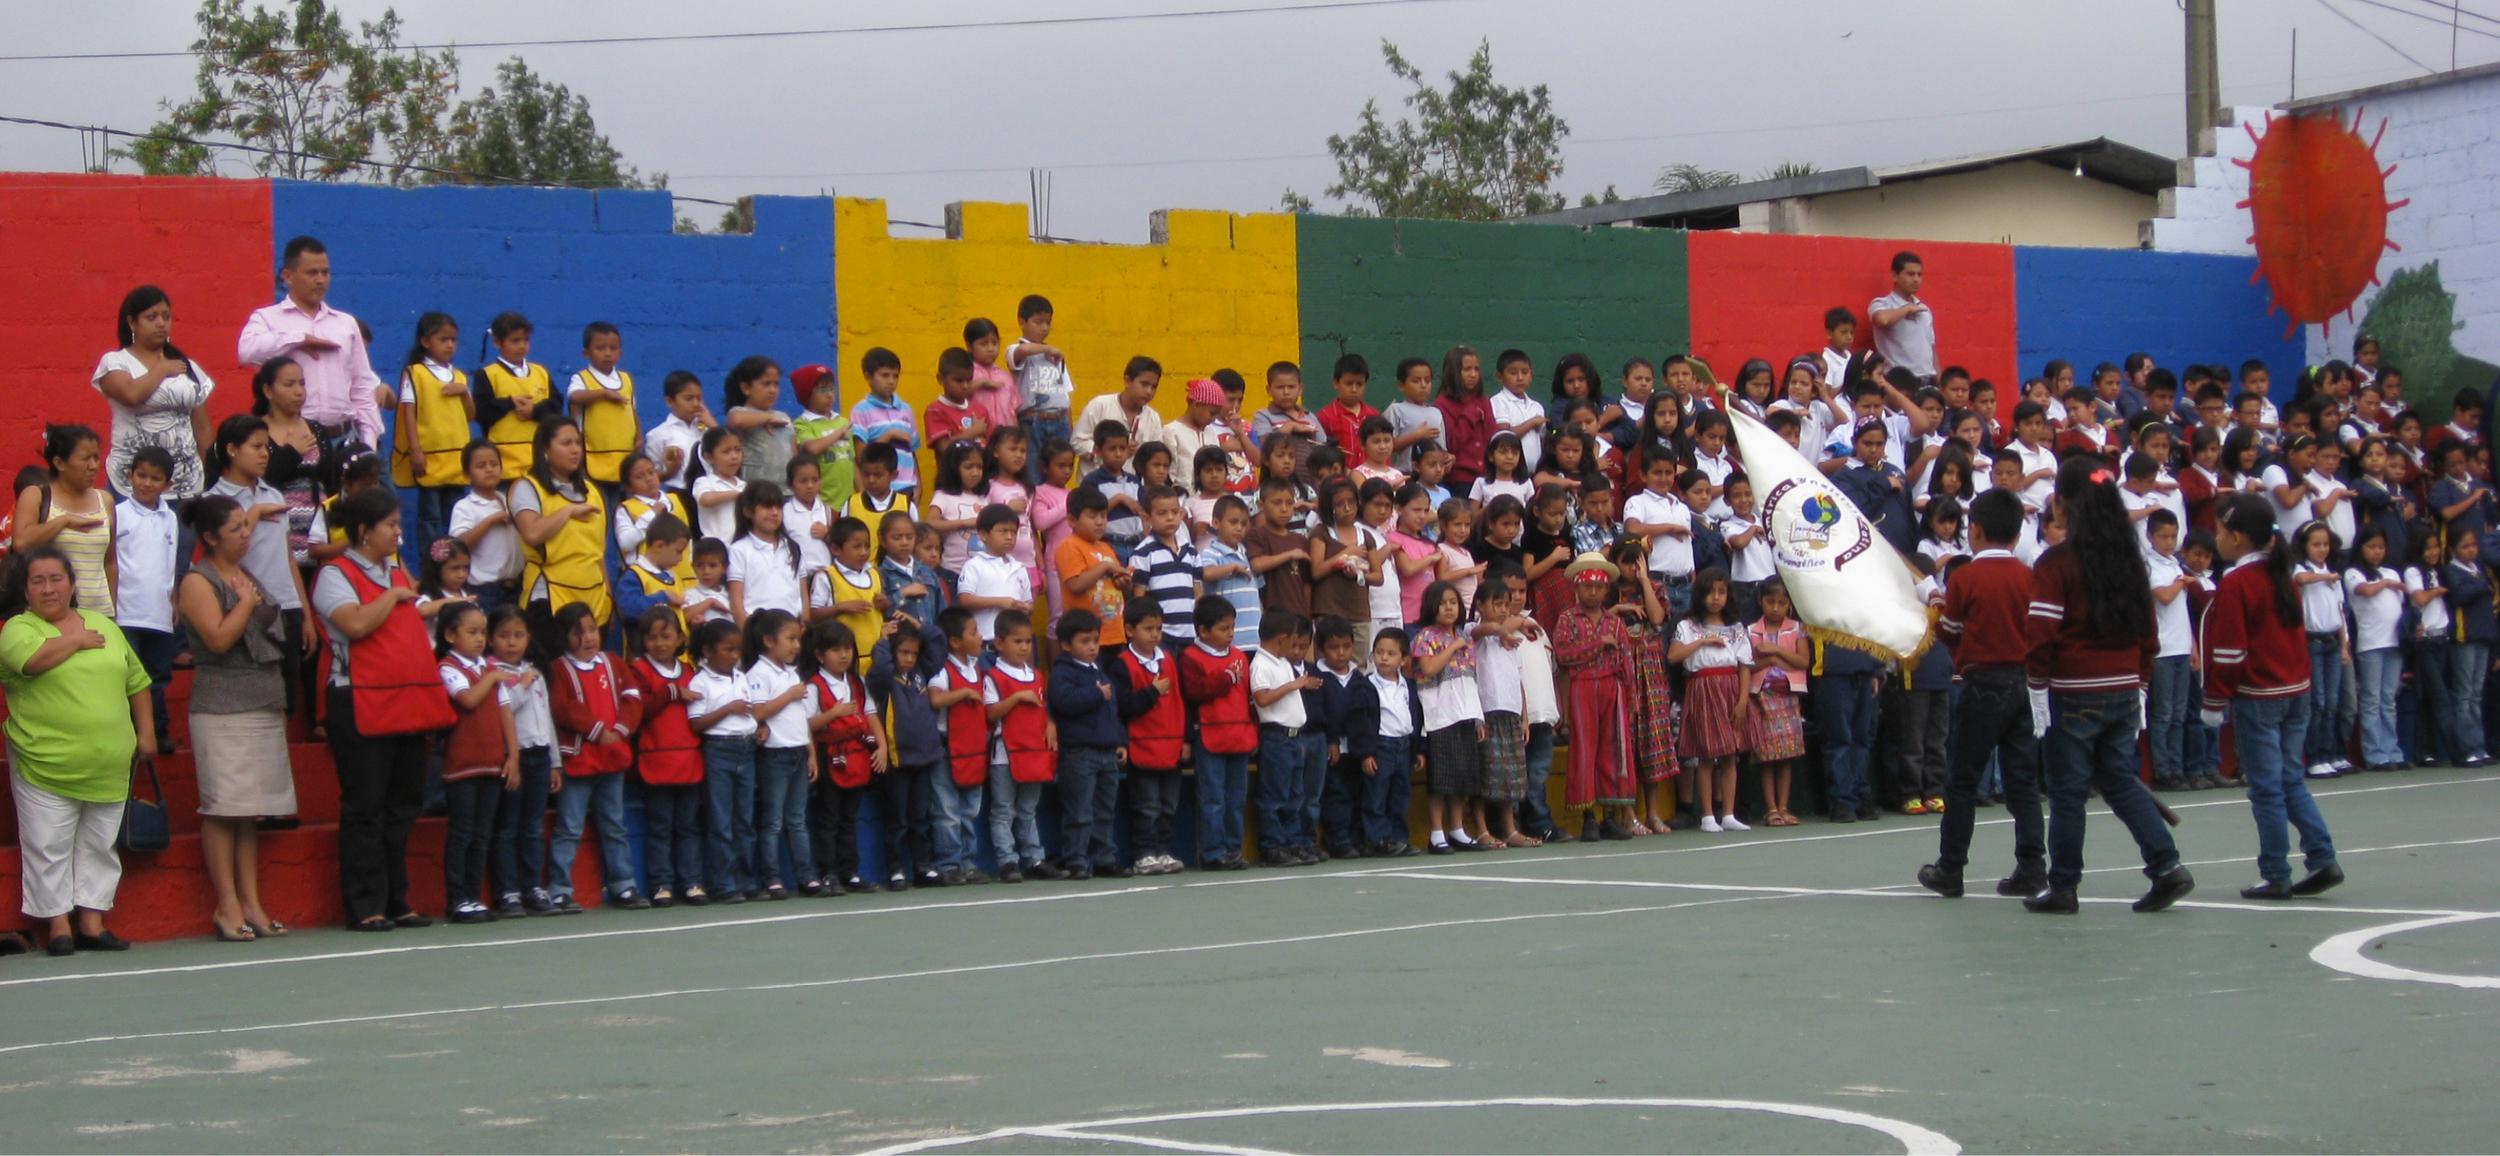 Education-Slideshow2.jpg